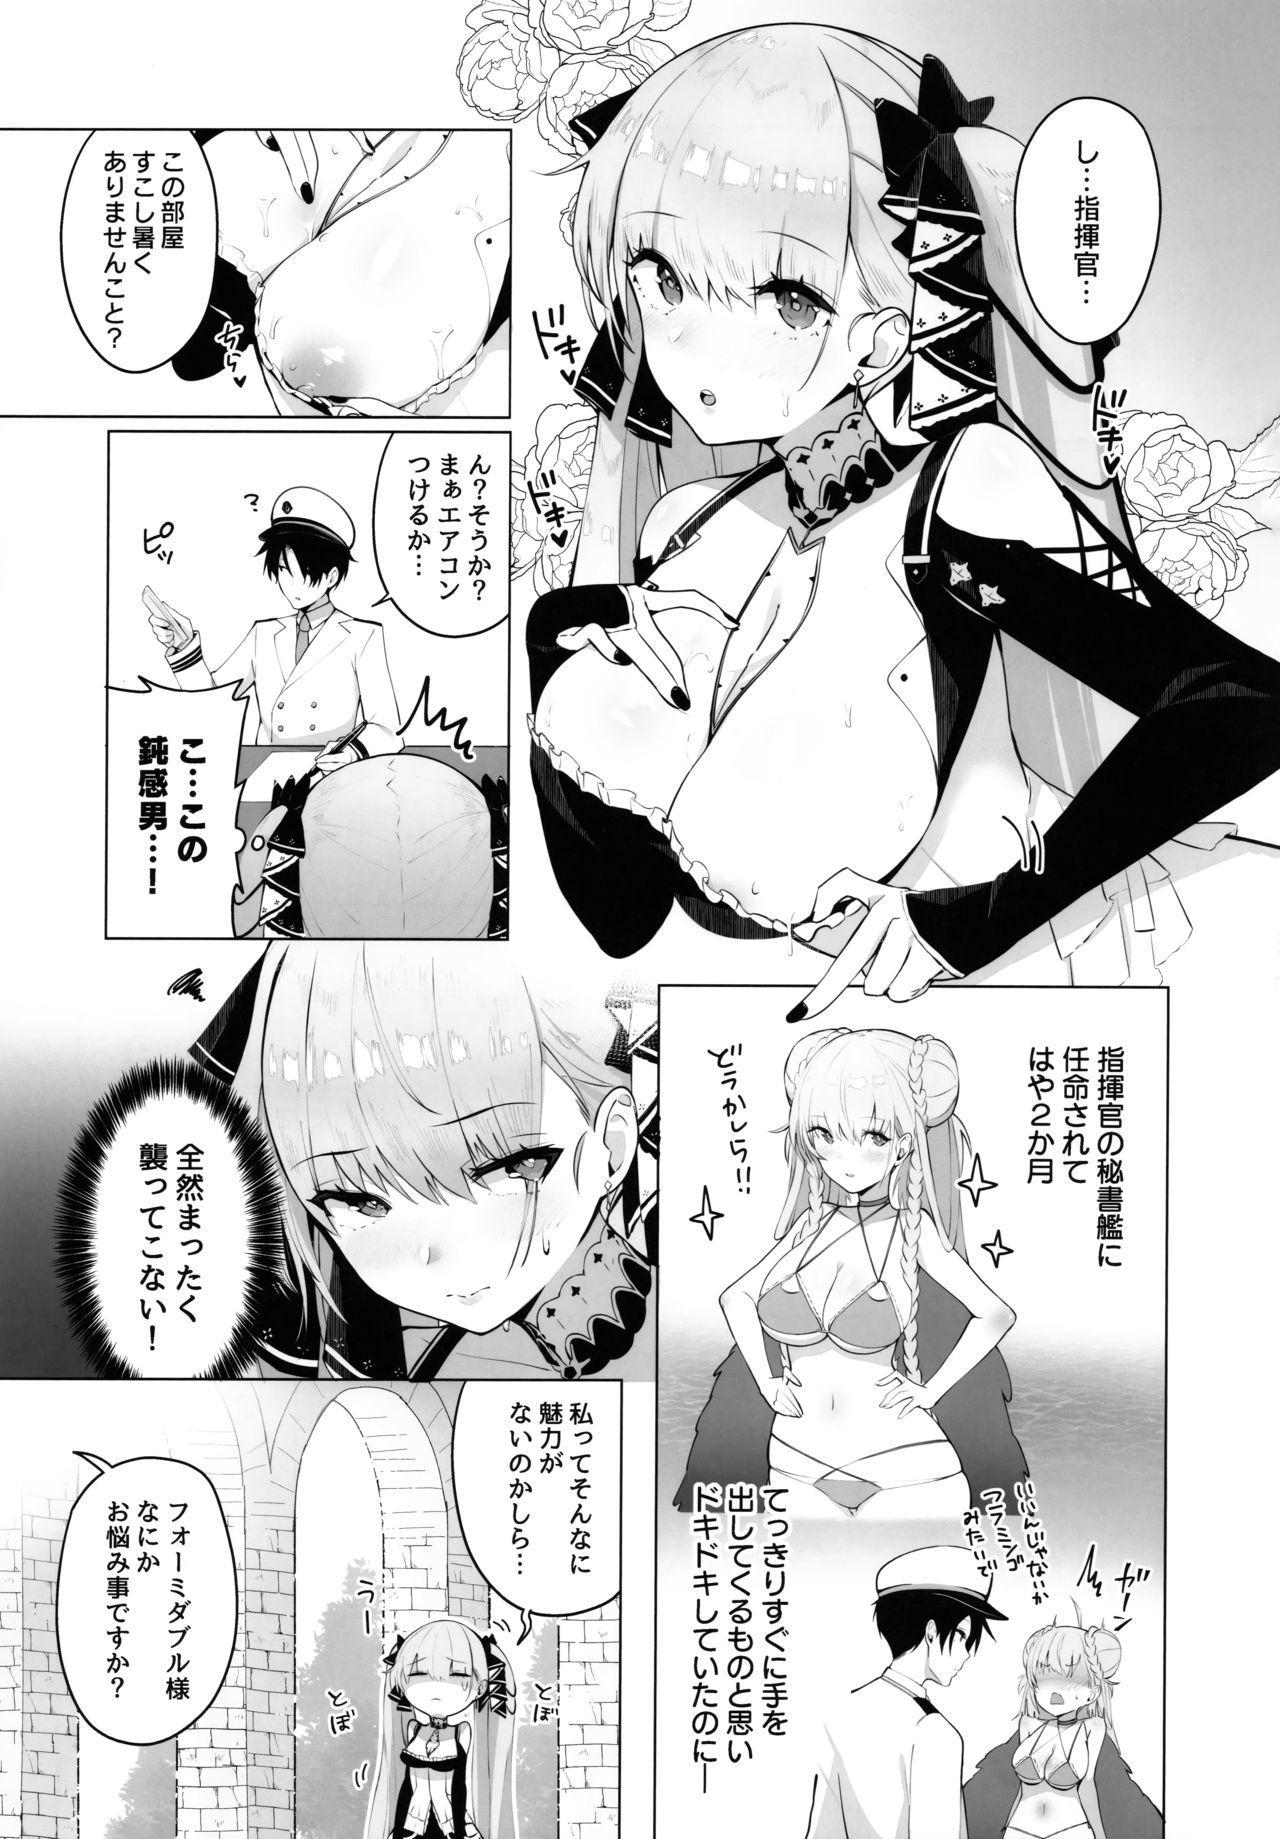 Formidable wa Shikikan to Ichatsukitai 1